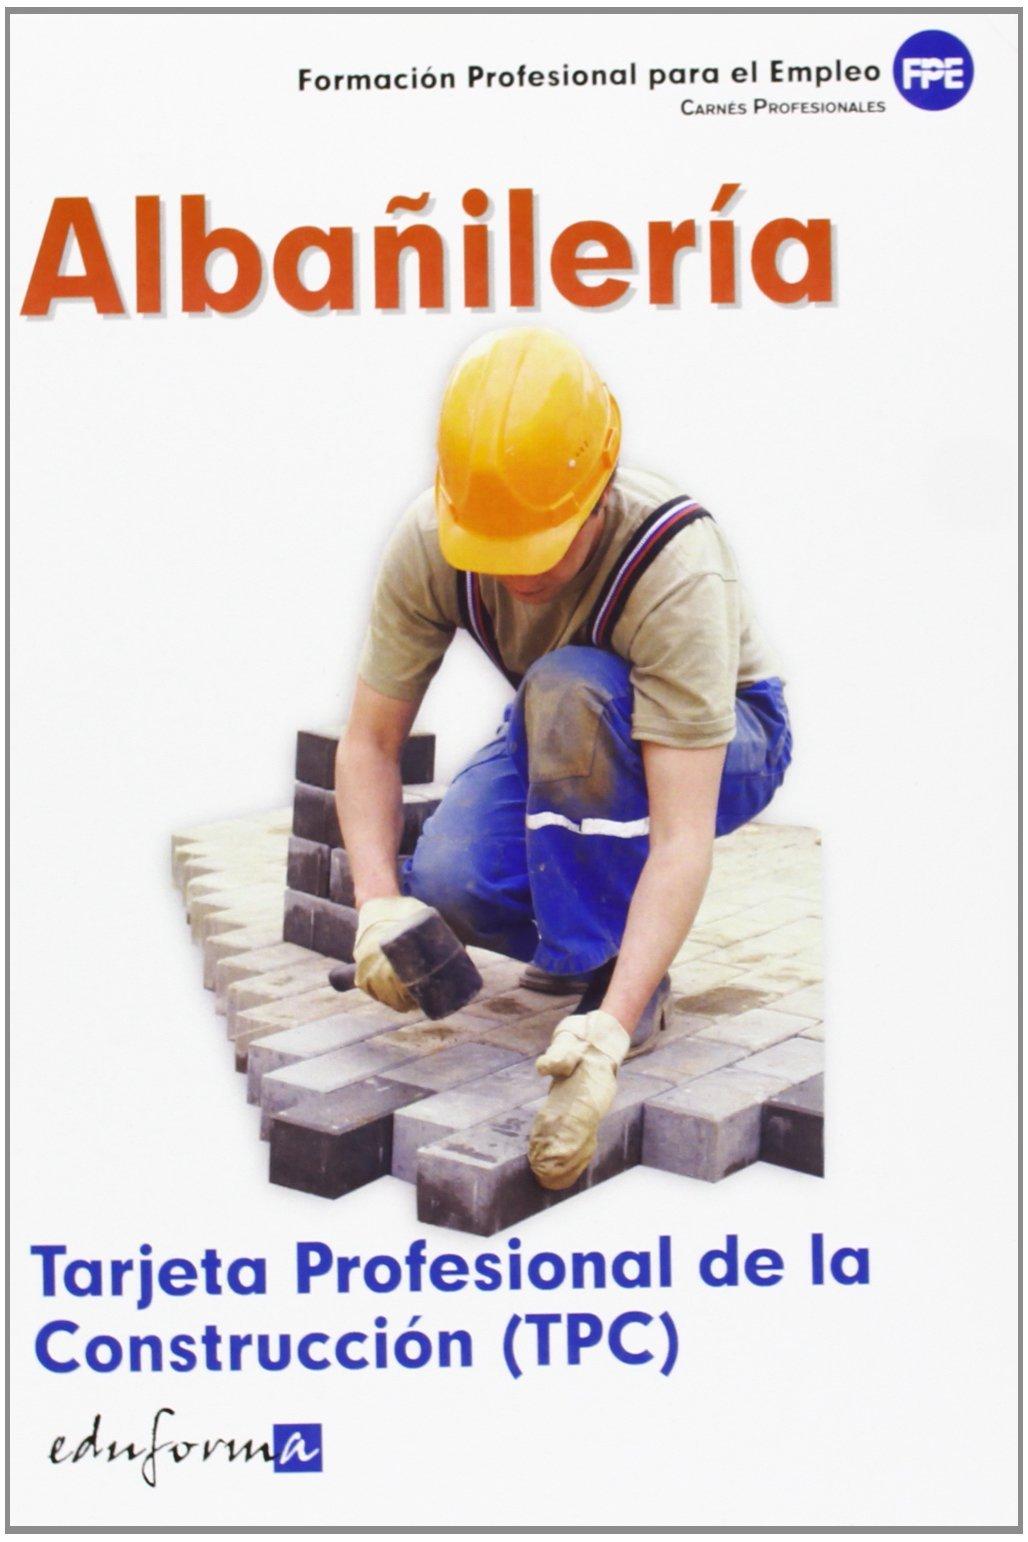 Tarjeta Profesional De La Construcción Tpc . Albañilería. Carnés ...